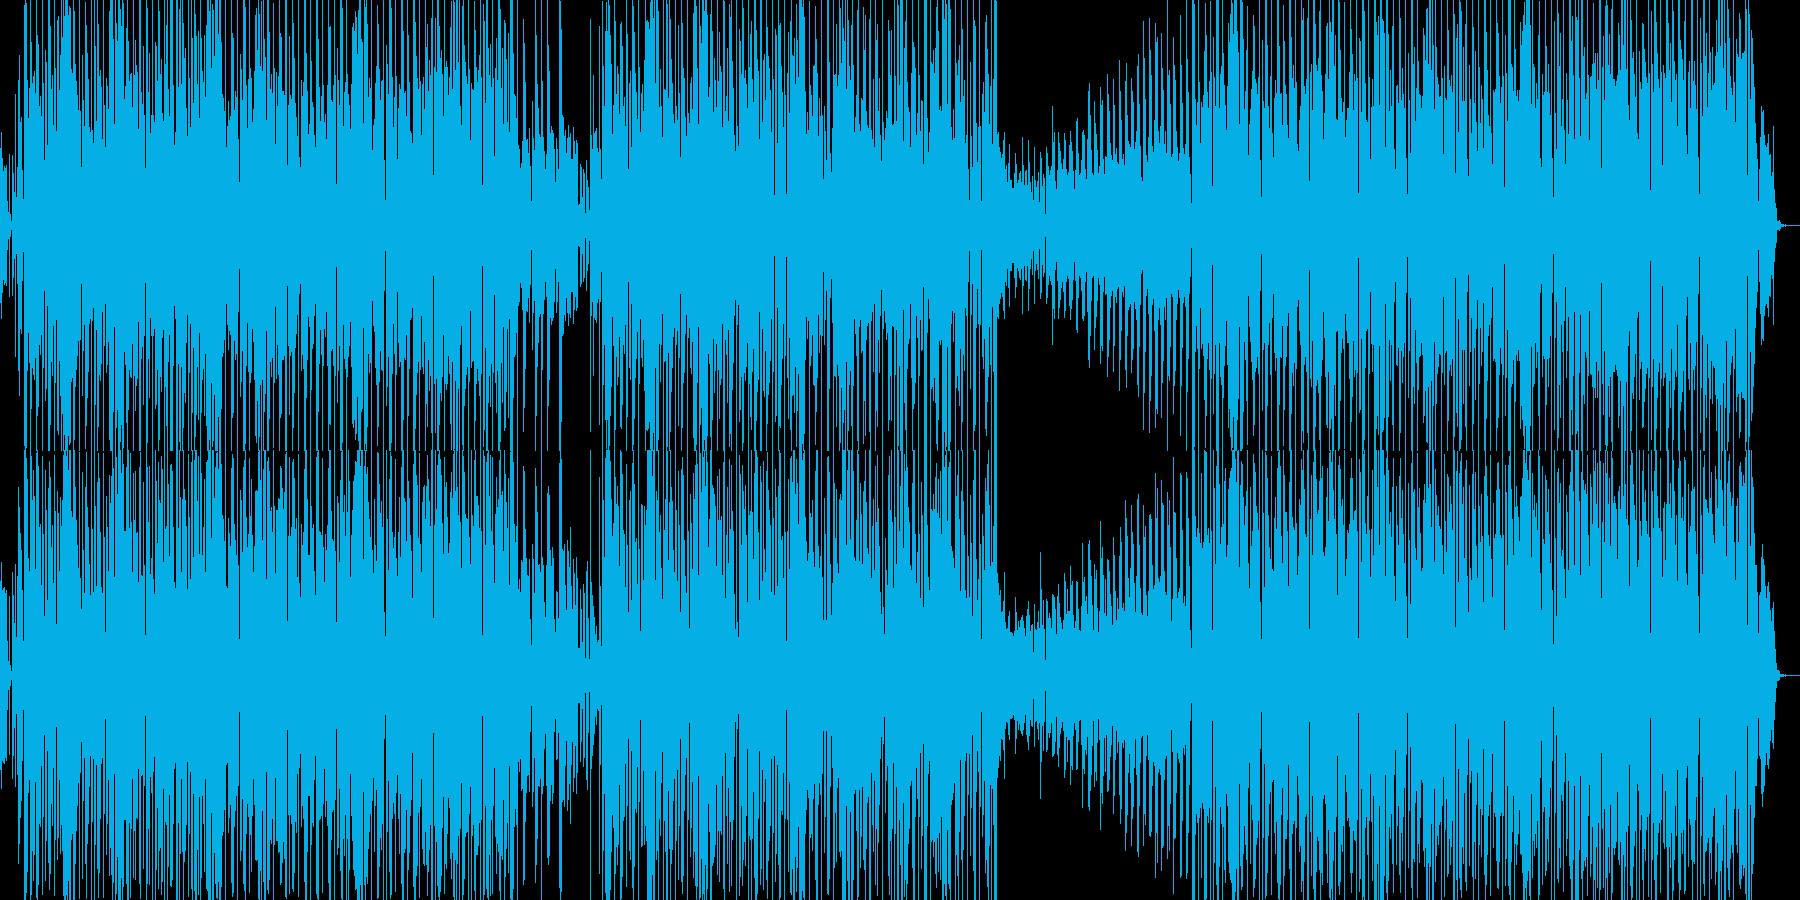 モダンなダンスミュージックサウンドの再生済みの波形